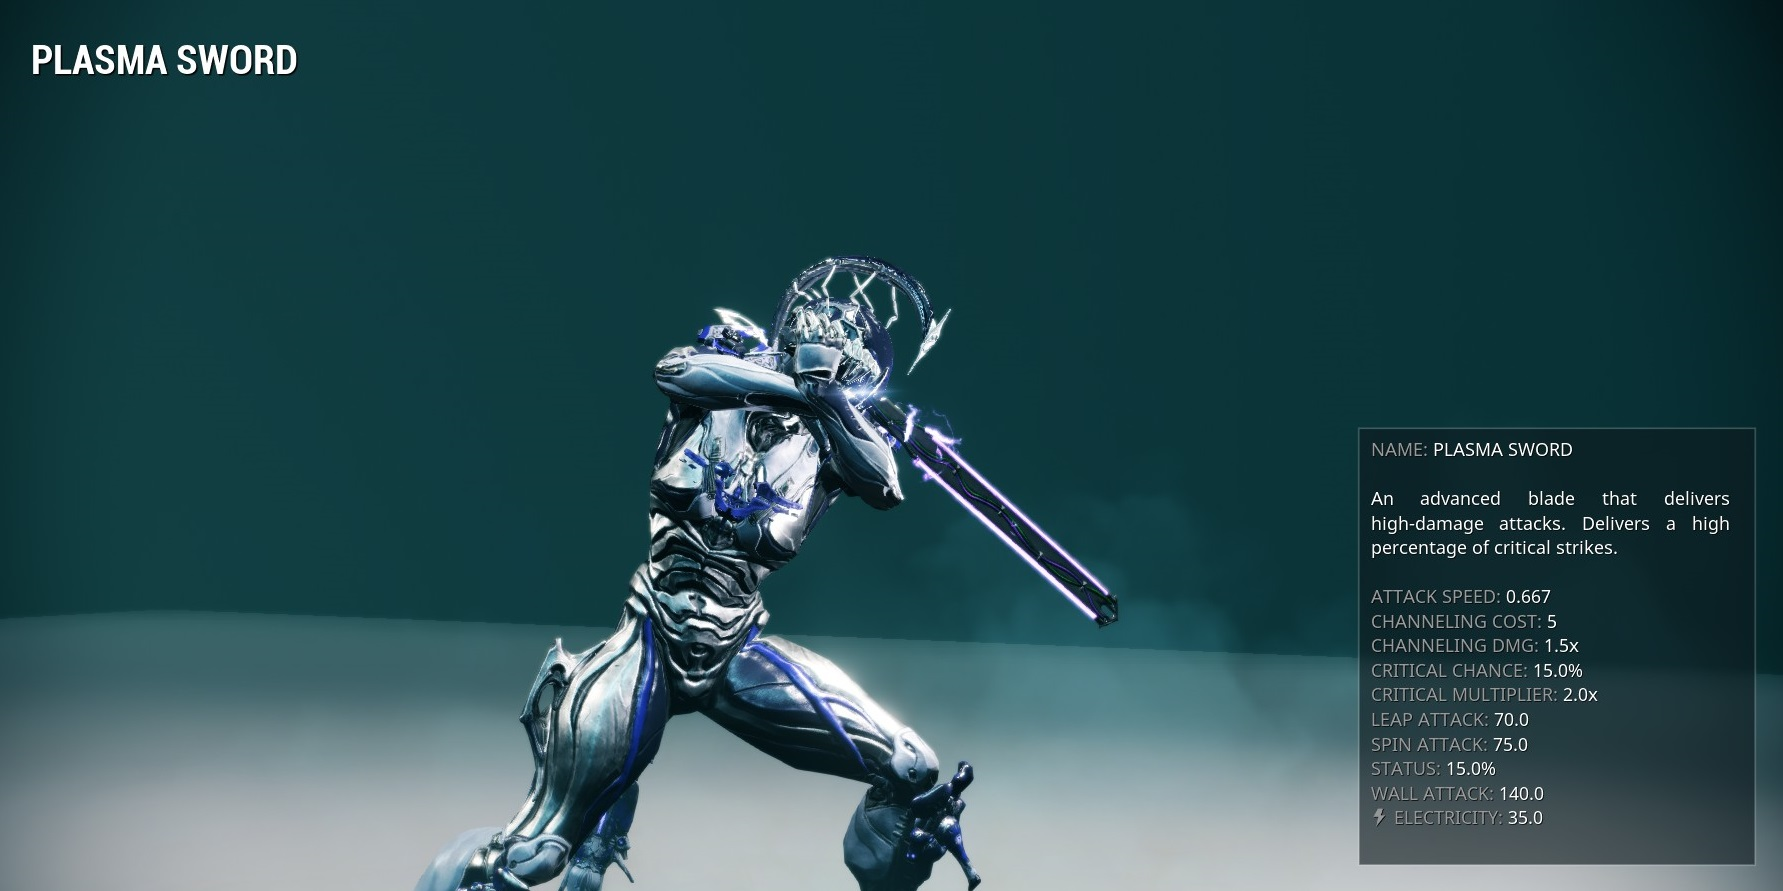 Plasma sword warframe wiki fandom powered by wikia malvernweather Choice Image